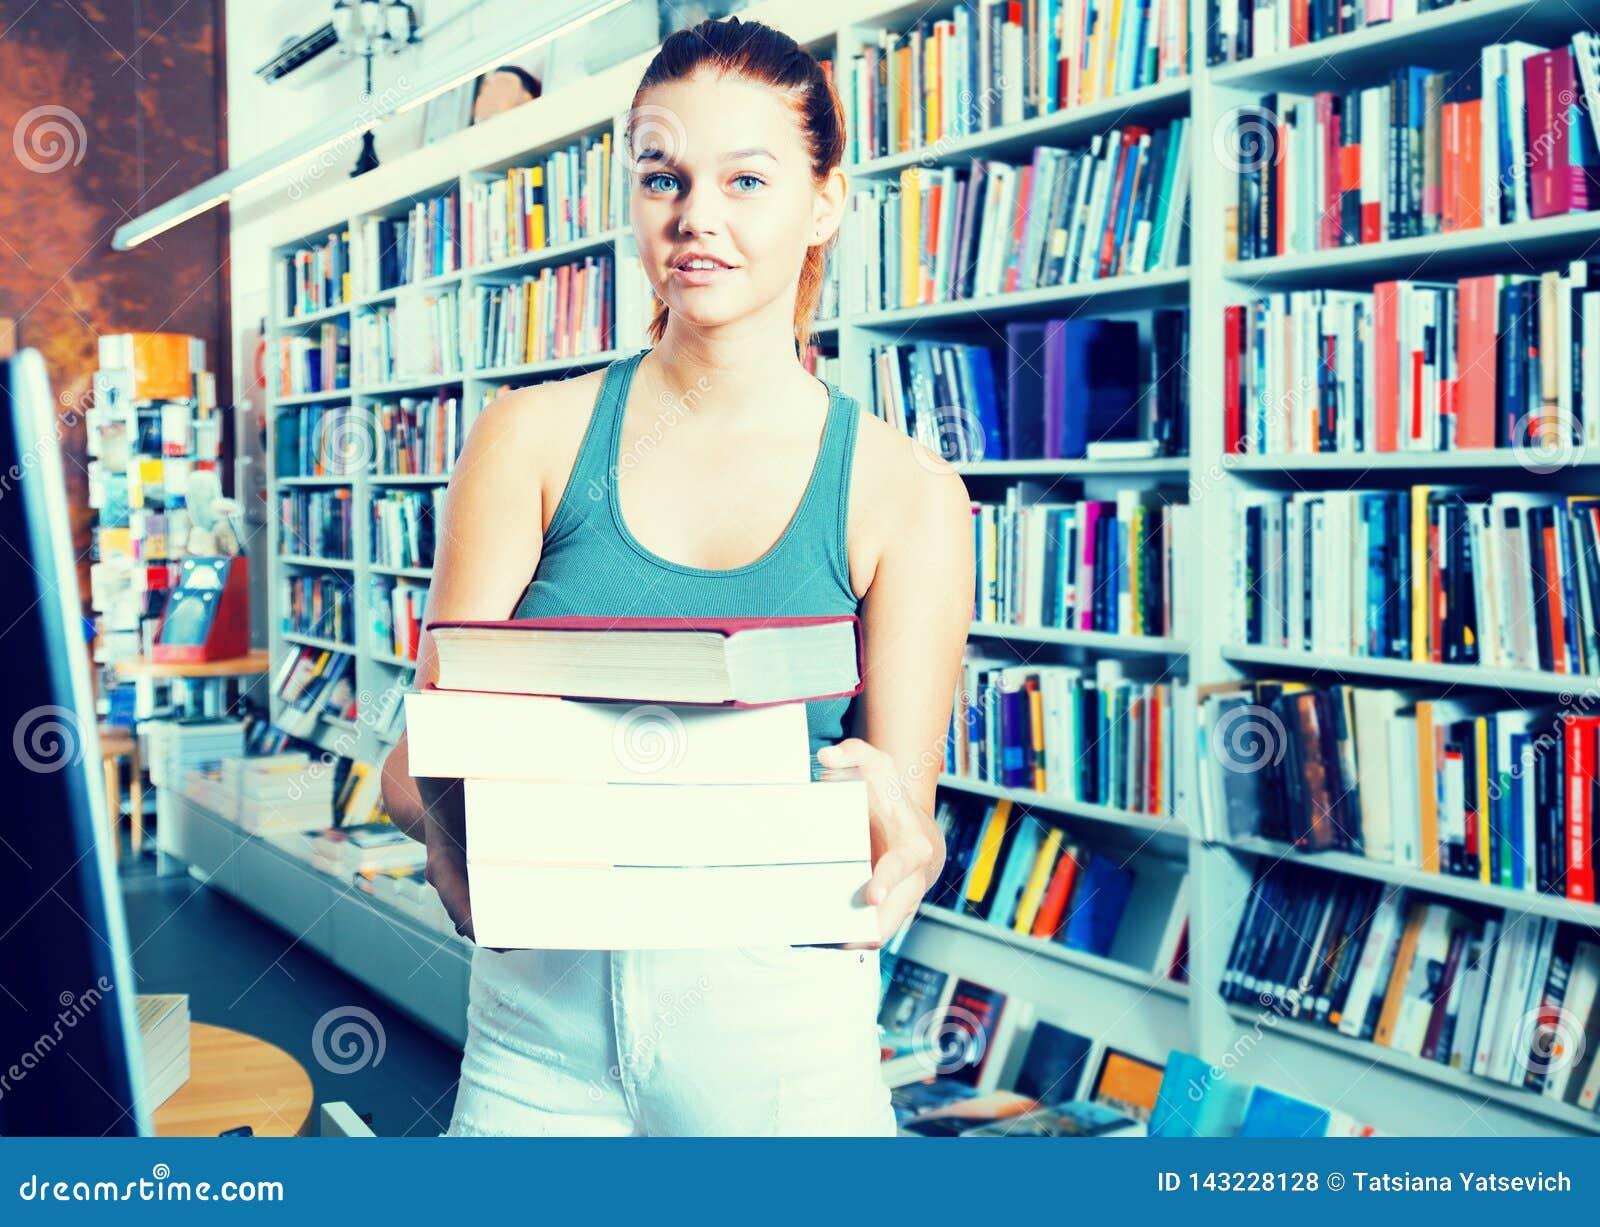 La mujer agradable ofrece un libro en una librería